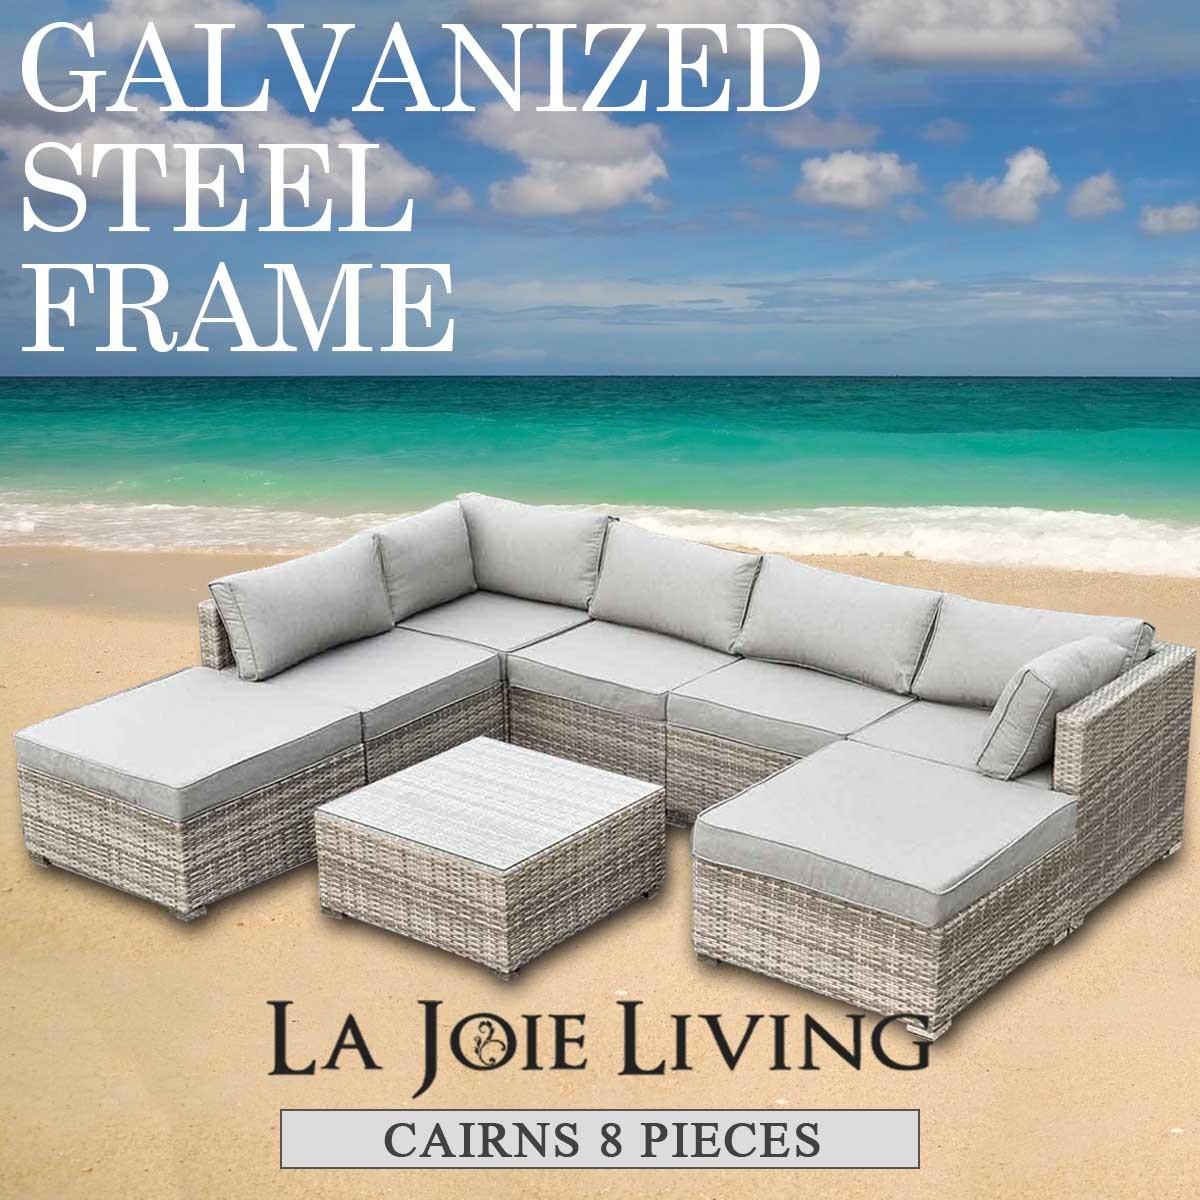 Cairns 7 Seater Outdoor Sofa Modular 8 Piece Set Rattan Furniture Lounge  Light Ash Brown